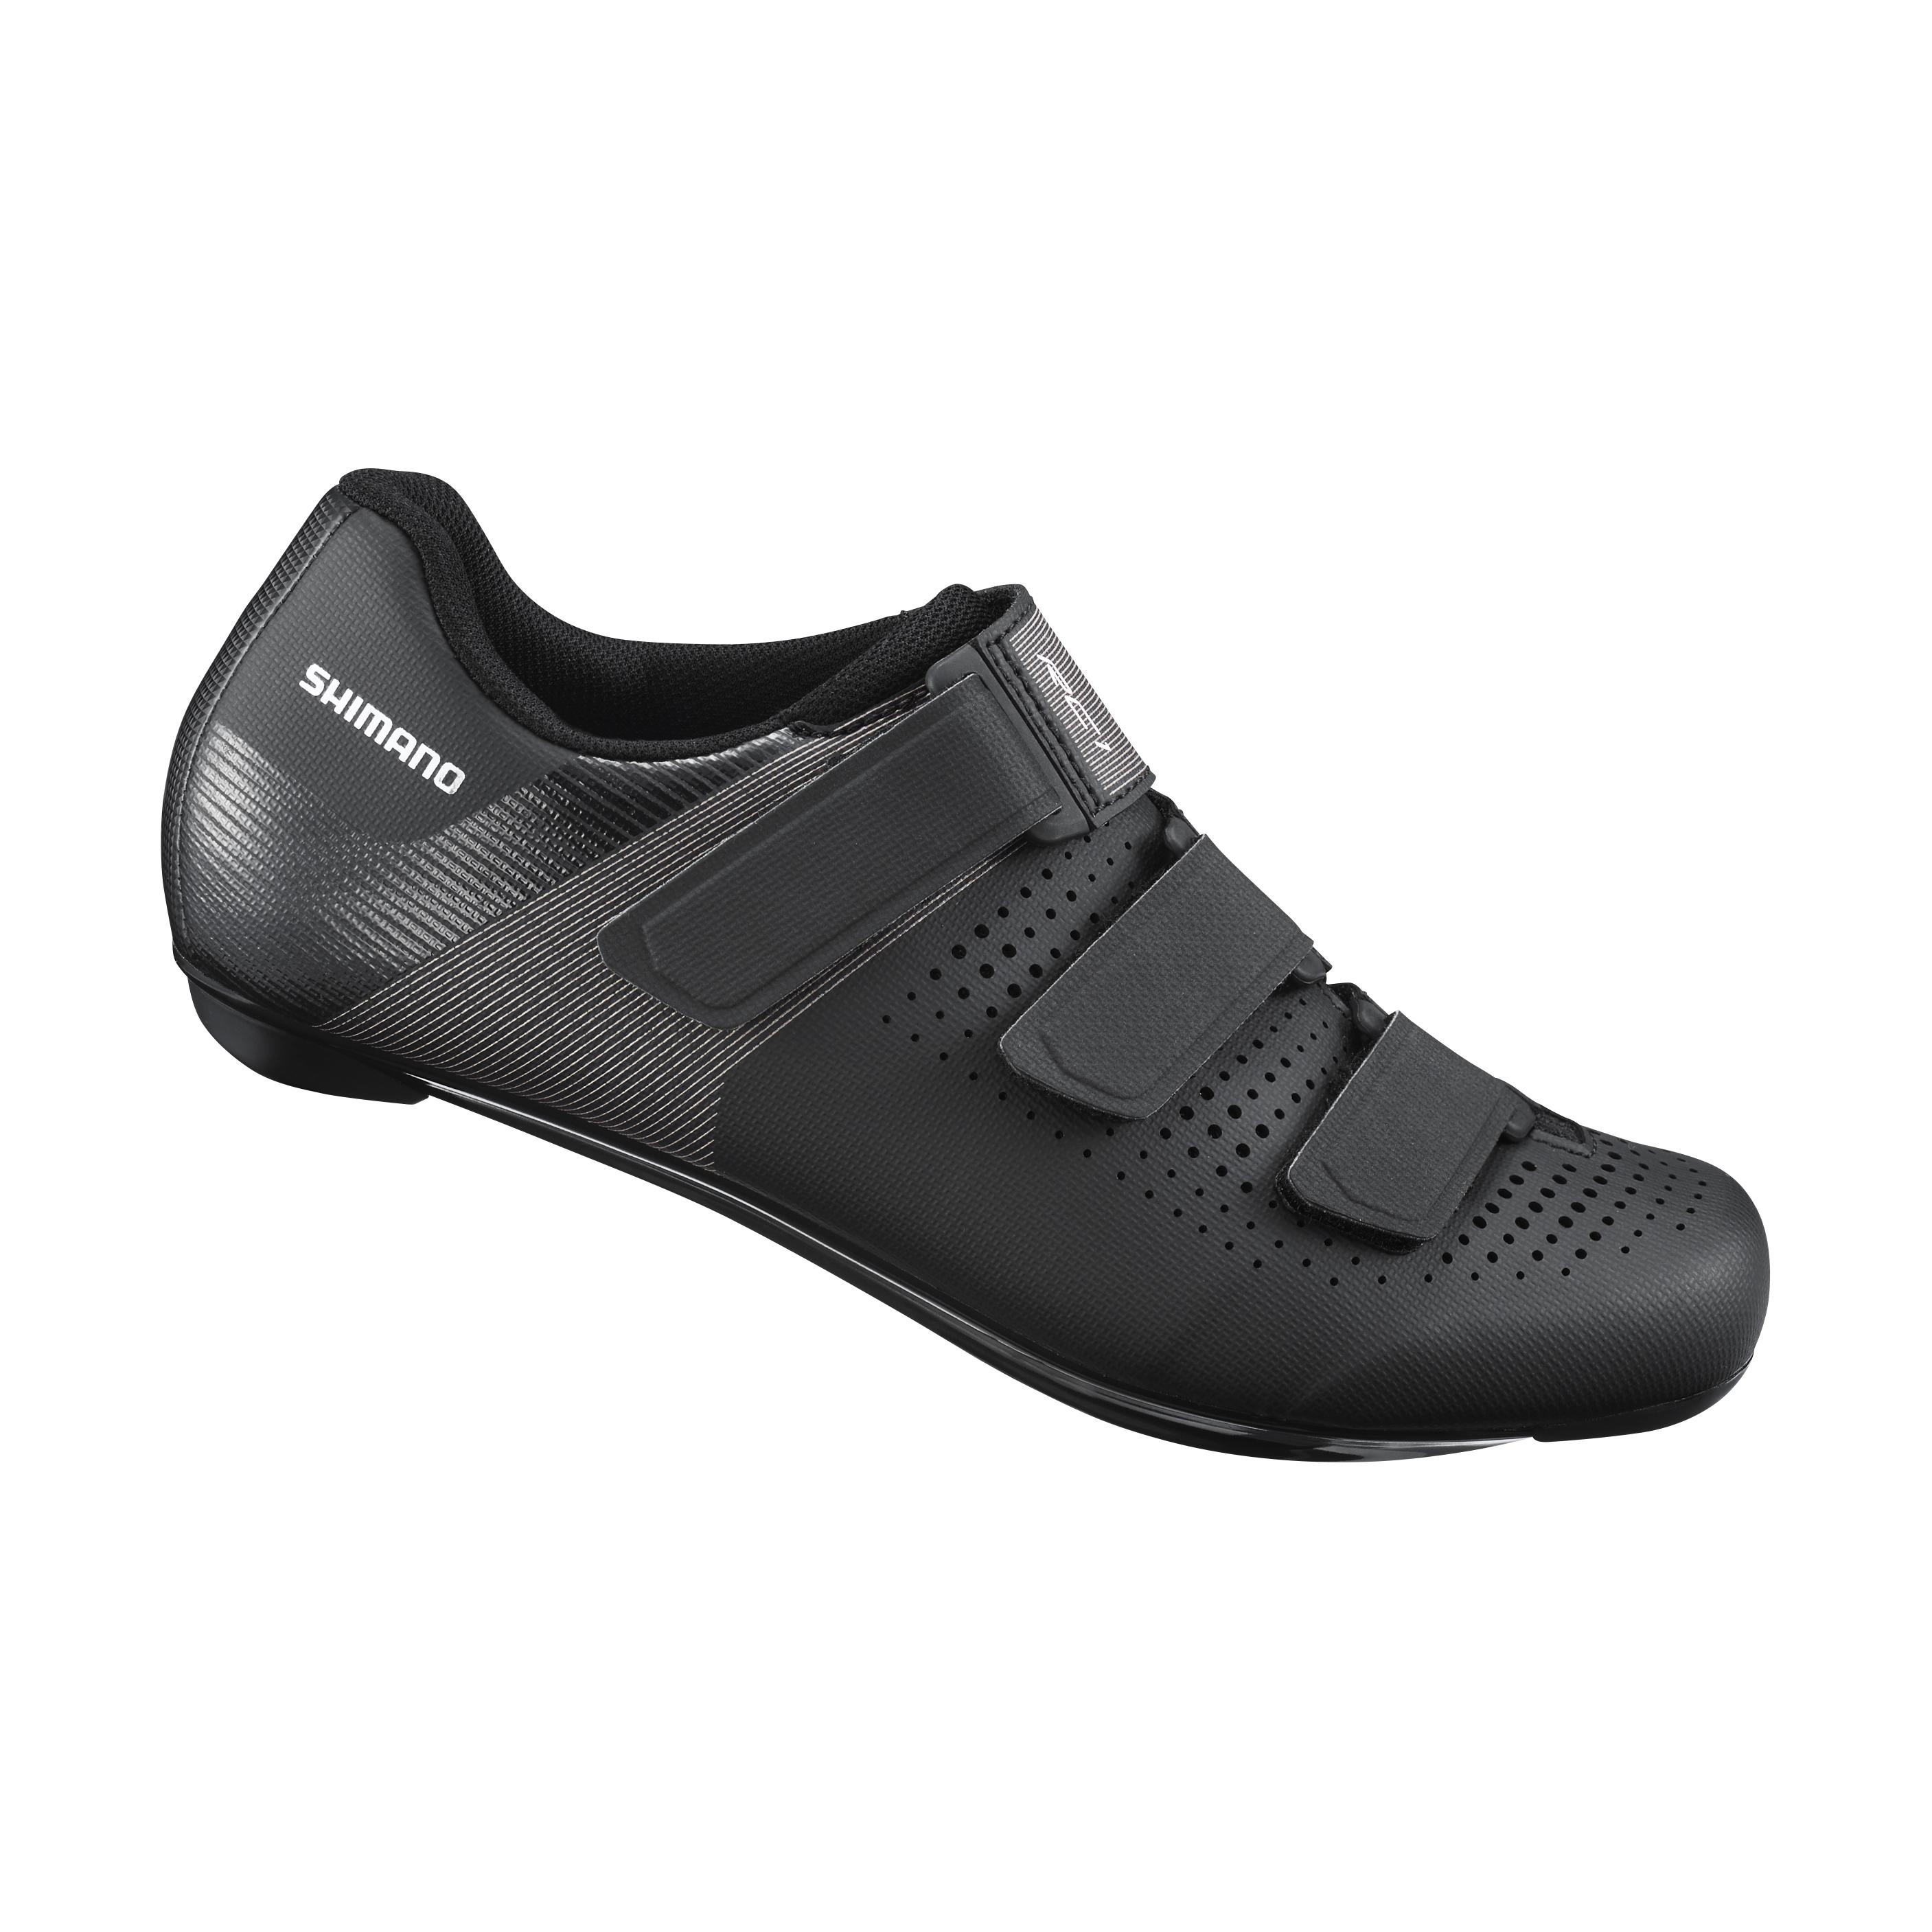 SHIMANO silniční obuv SH-RC100W, dámská, černá, 40